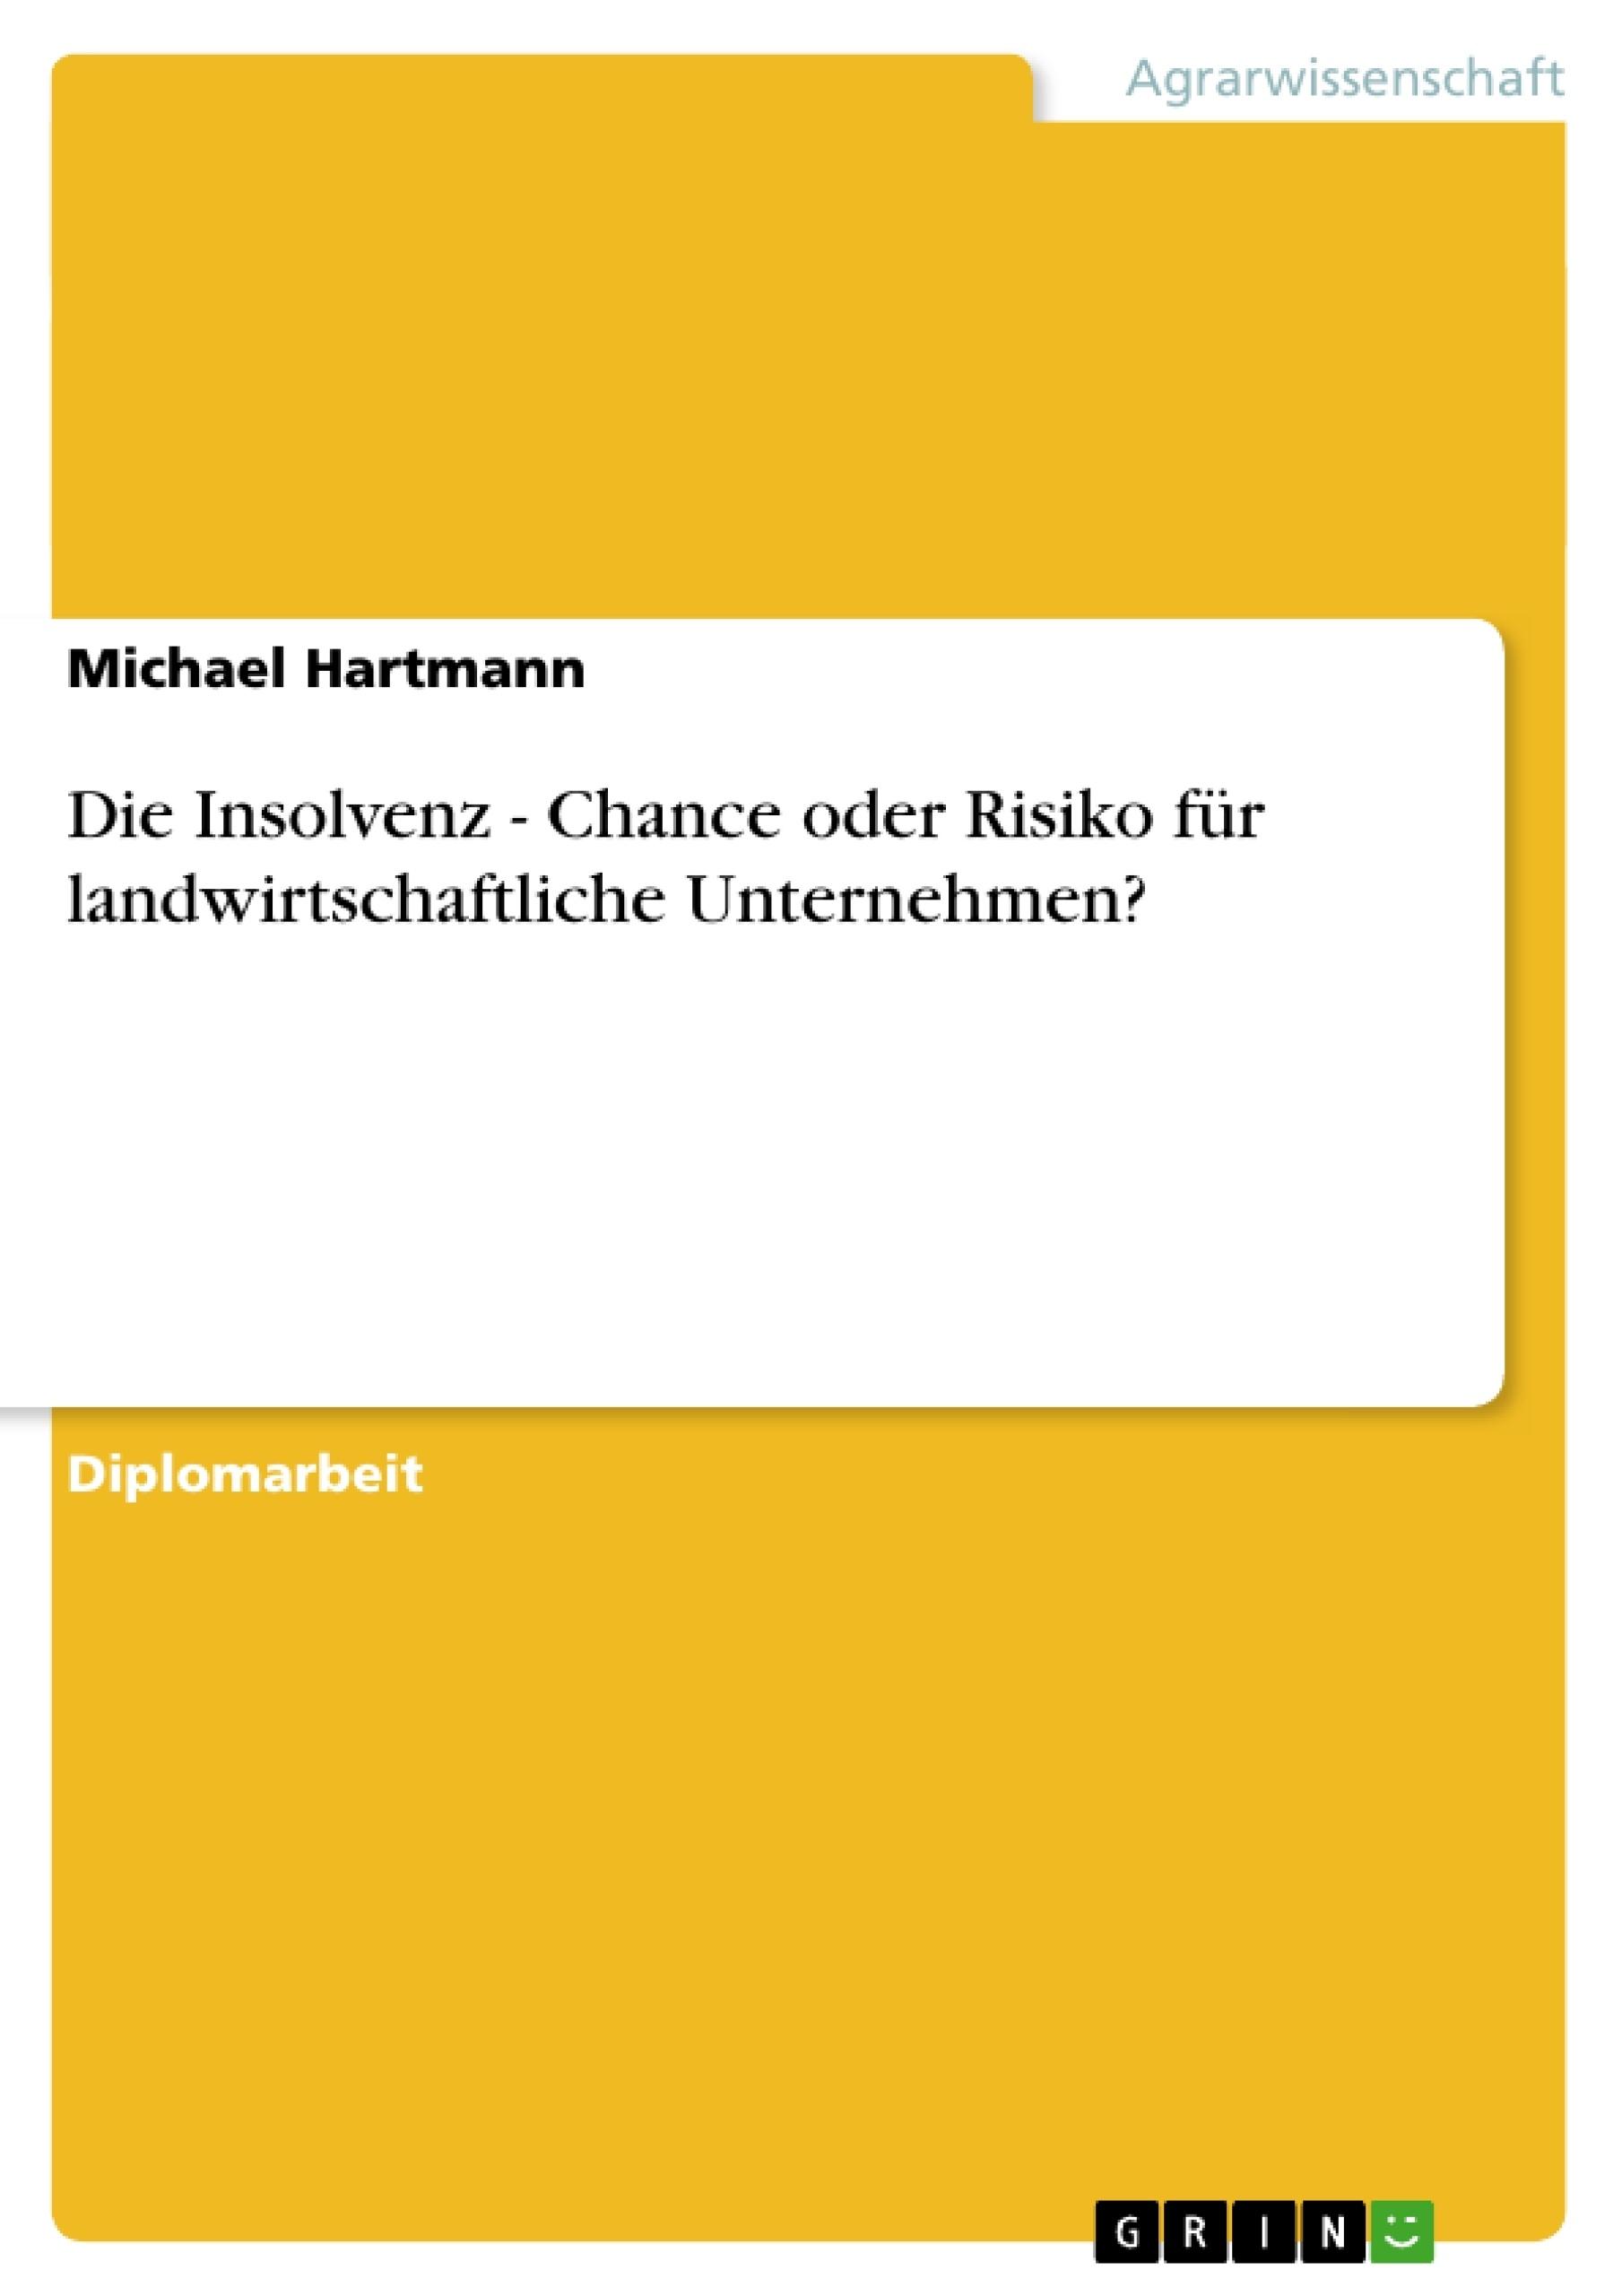 Titel: Die Insolvenz - Chance oder Risiko für landwirtschaftliche Unternehmen?